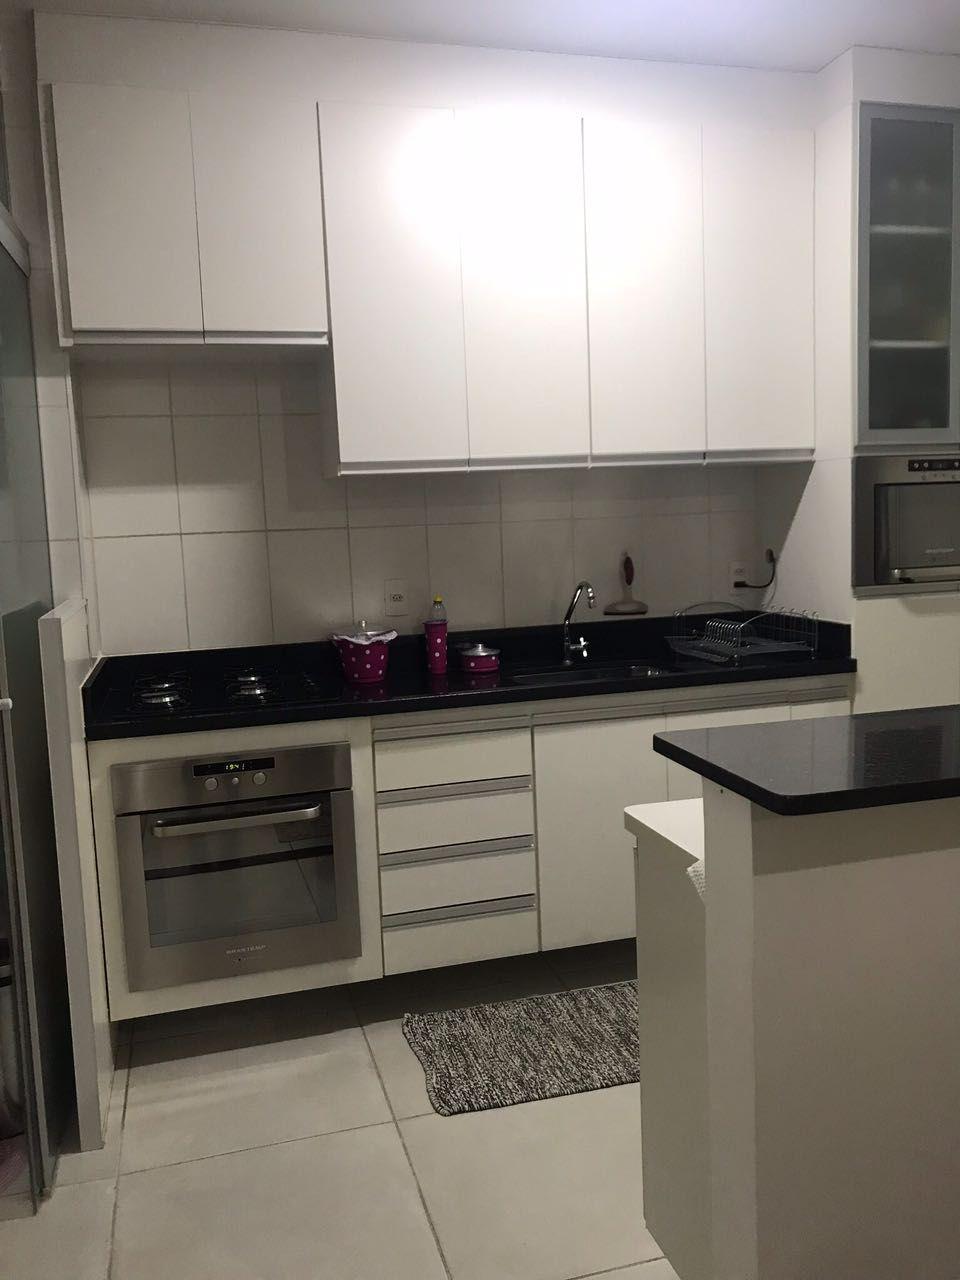 440 - Apto Nova Aliança 101 m²